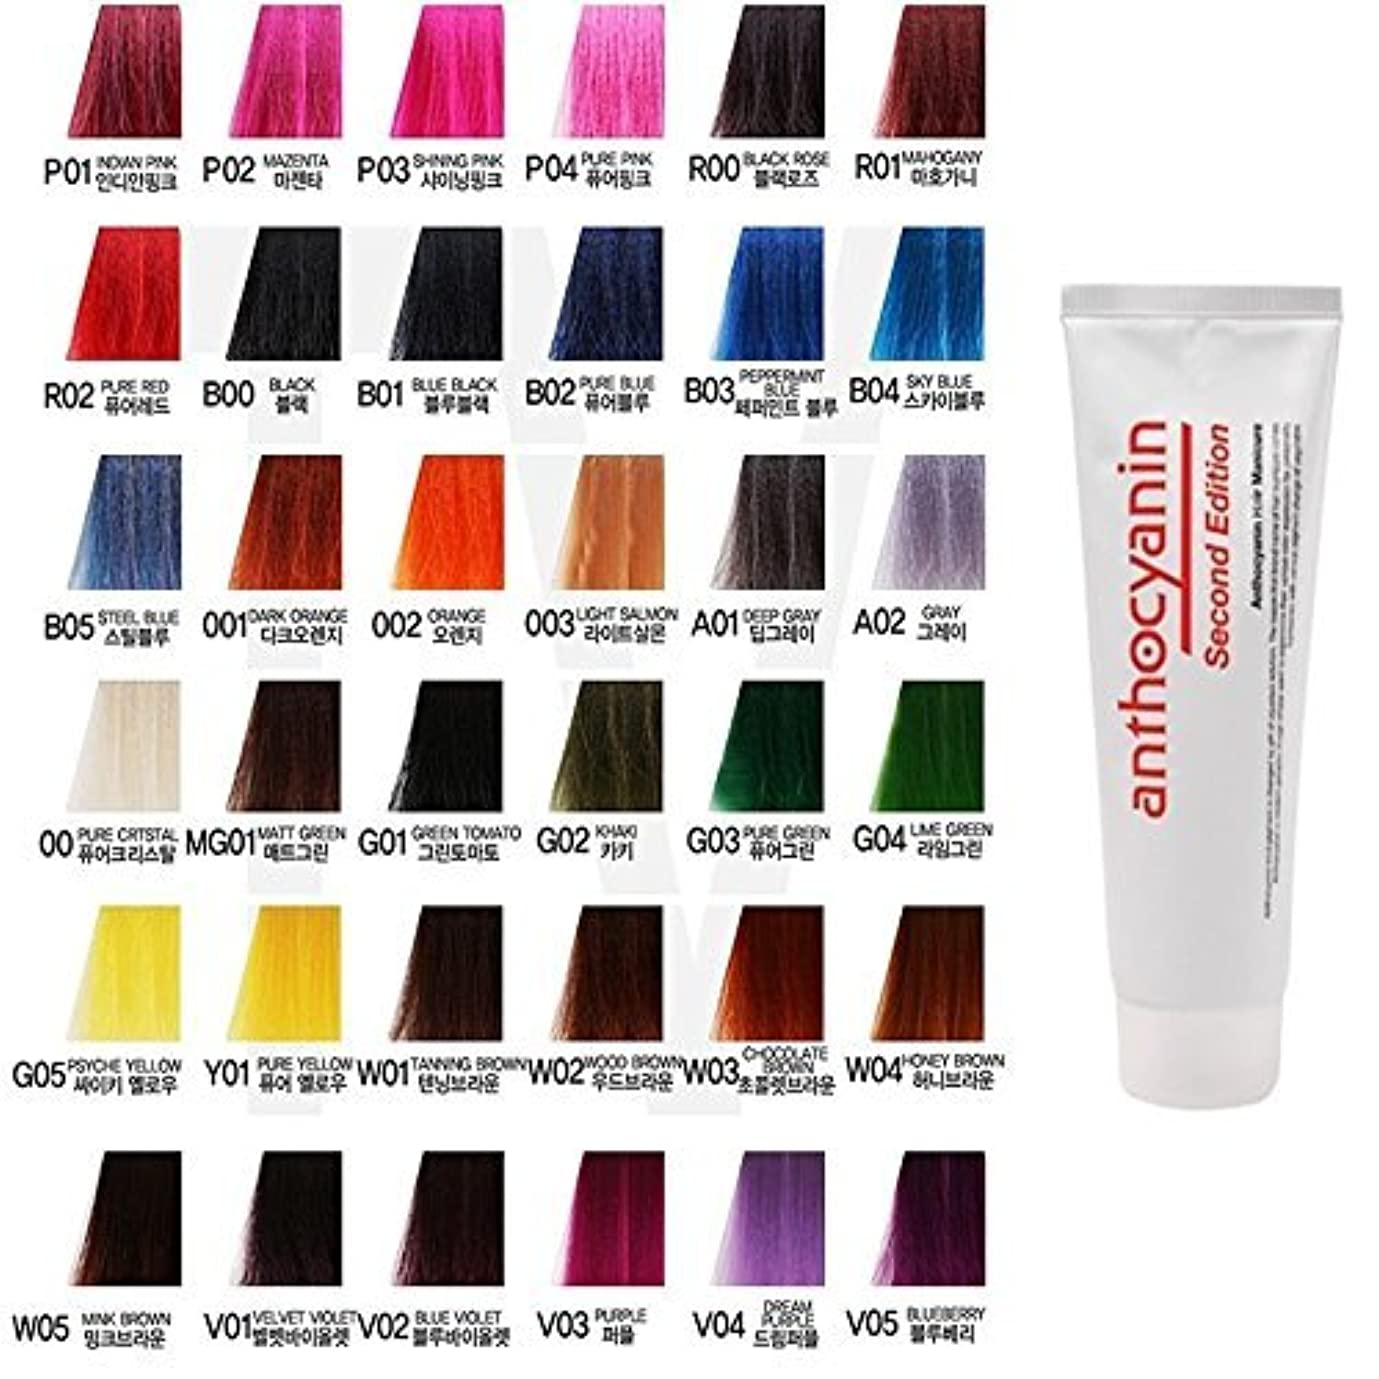 増強する十億効率的ヘア マニキュア カラー セカンド エディション 230g セミ パーマネント 染毛剤 ( Hair Manicure Color Second Edition 230g Semi Permanent Hair Dye) [並行輸入品] (O02 Orange)